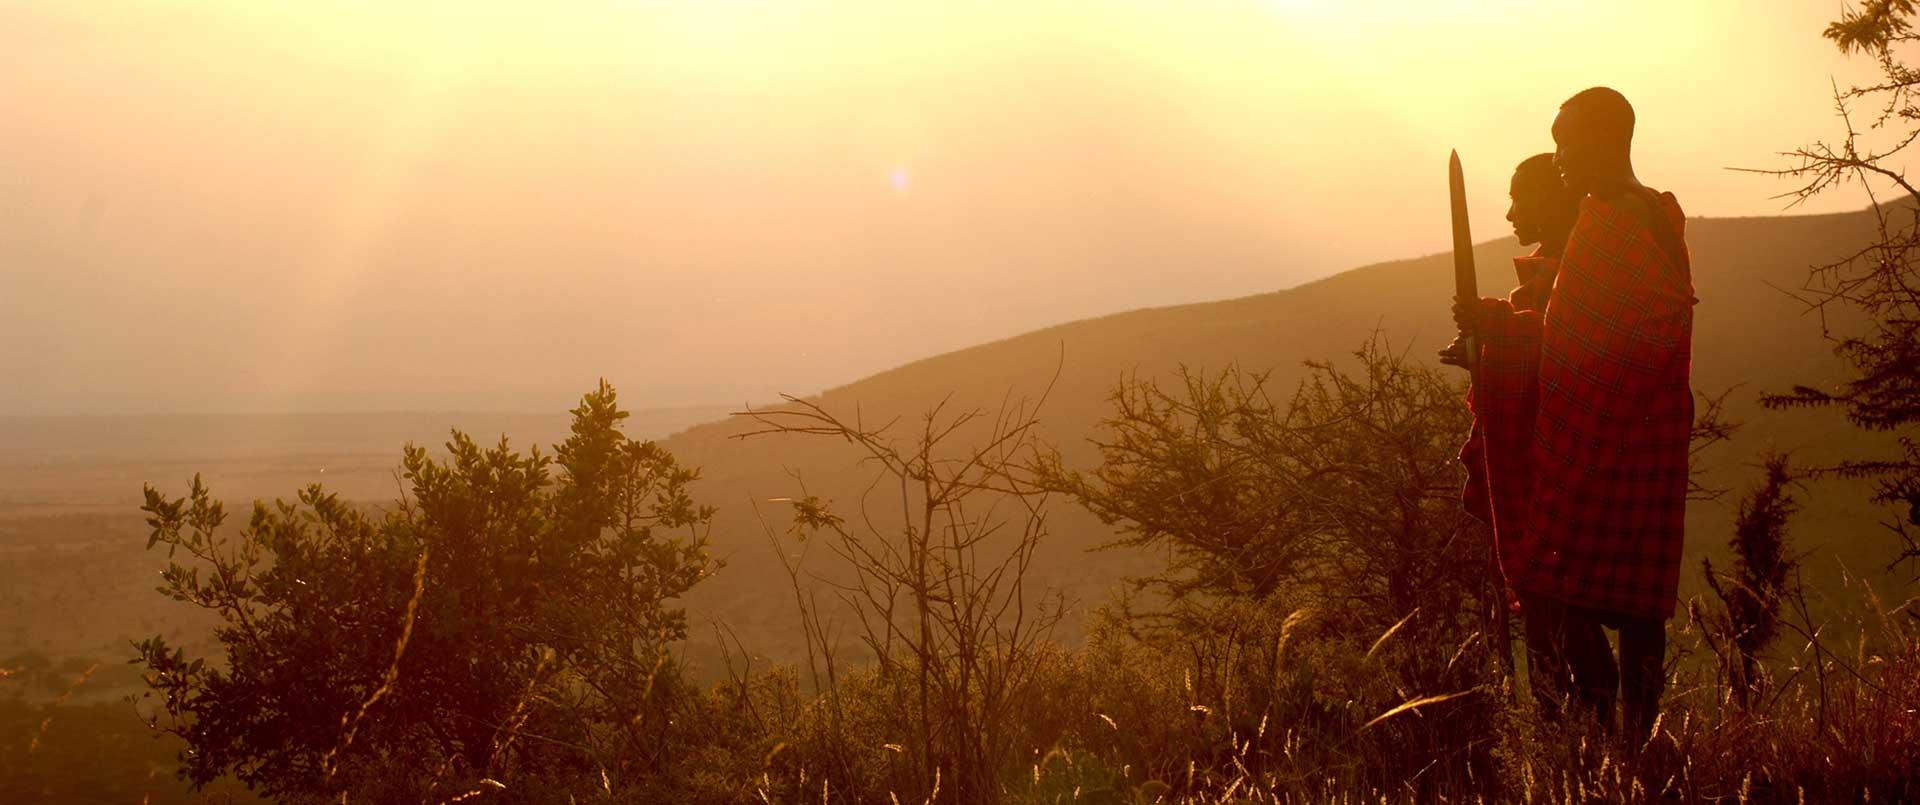 Nduara, Southern Loliondo